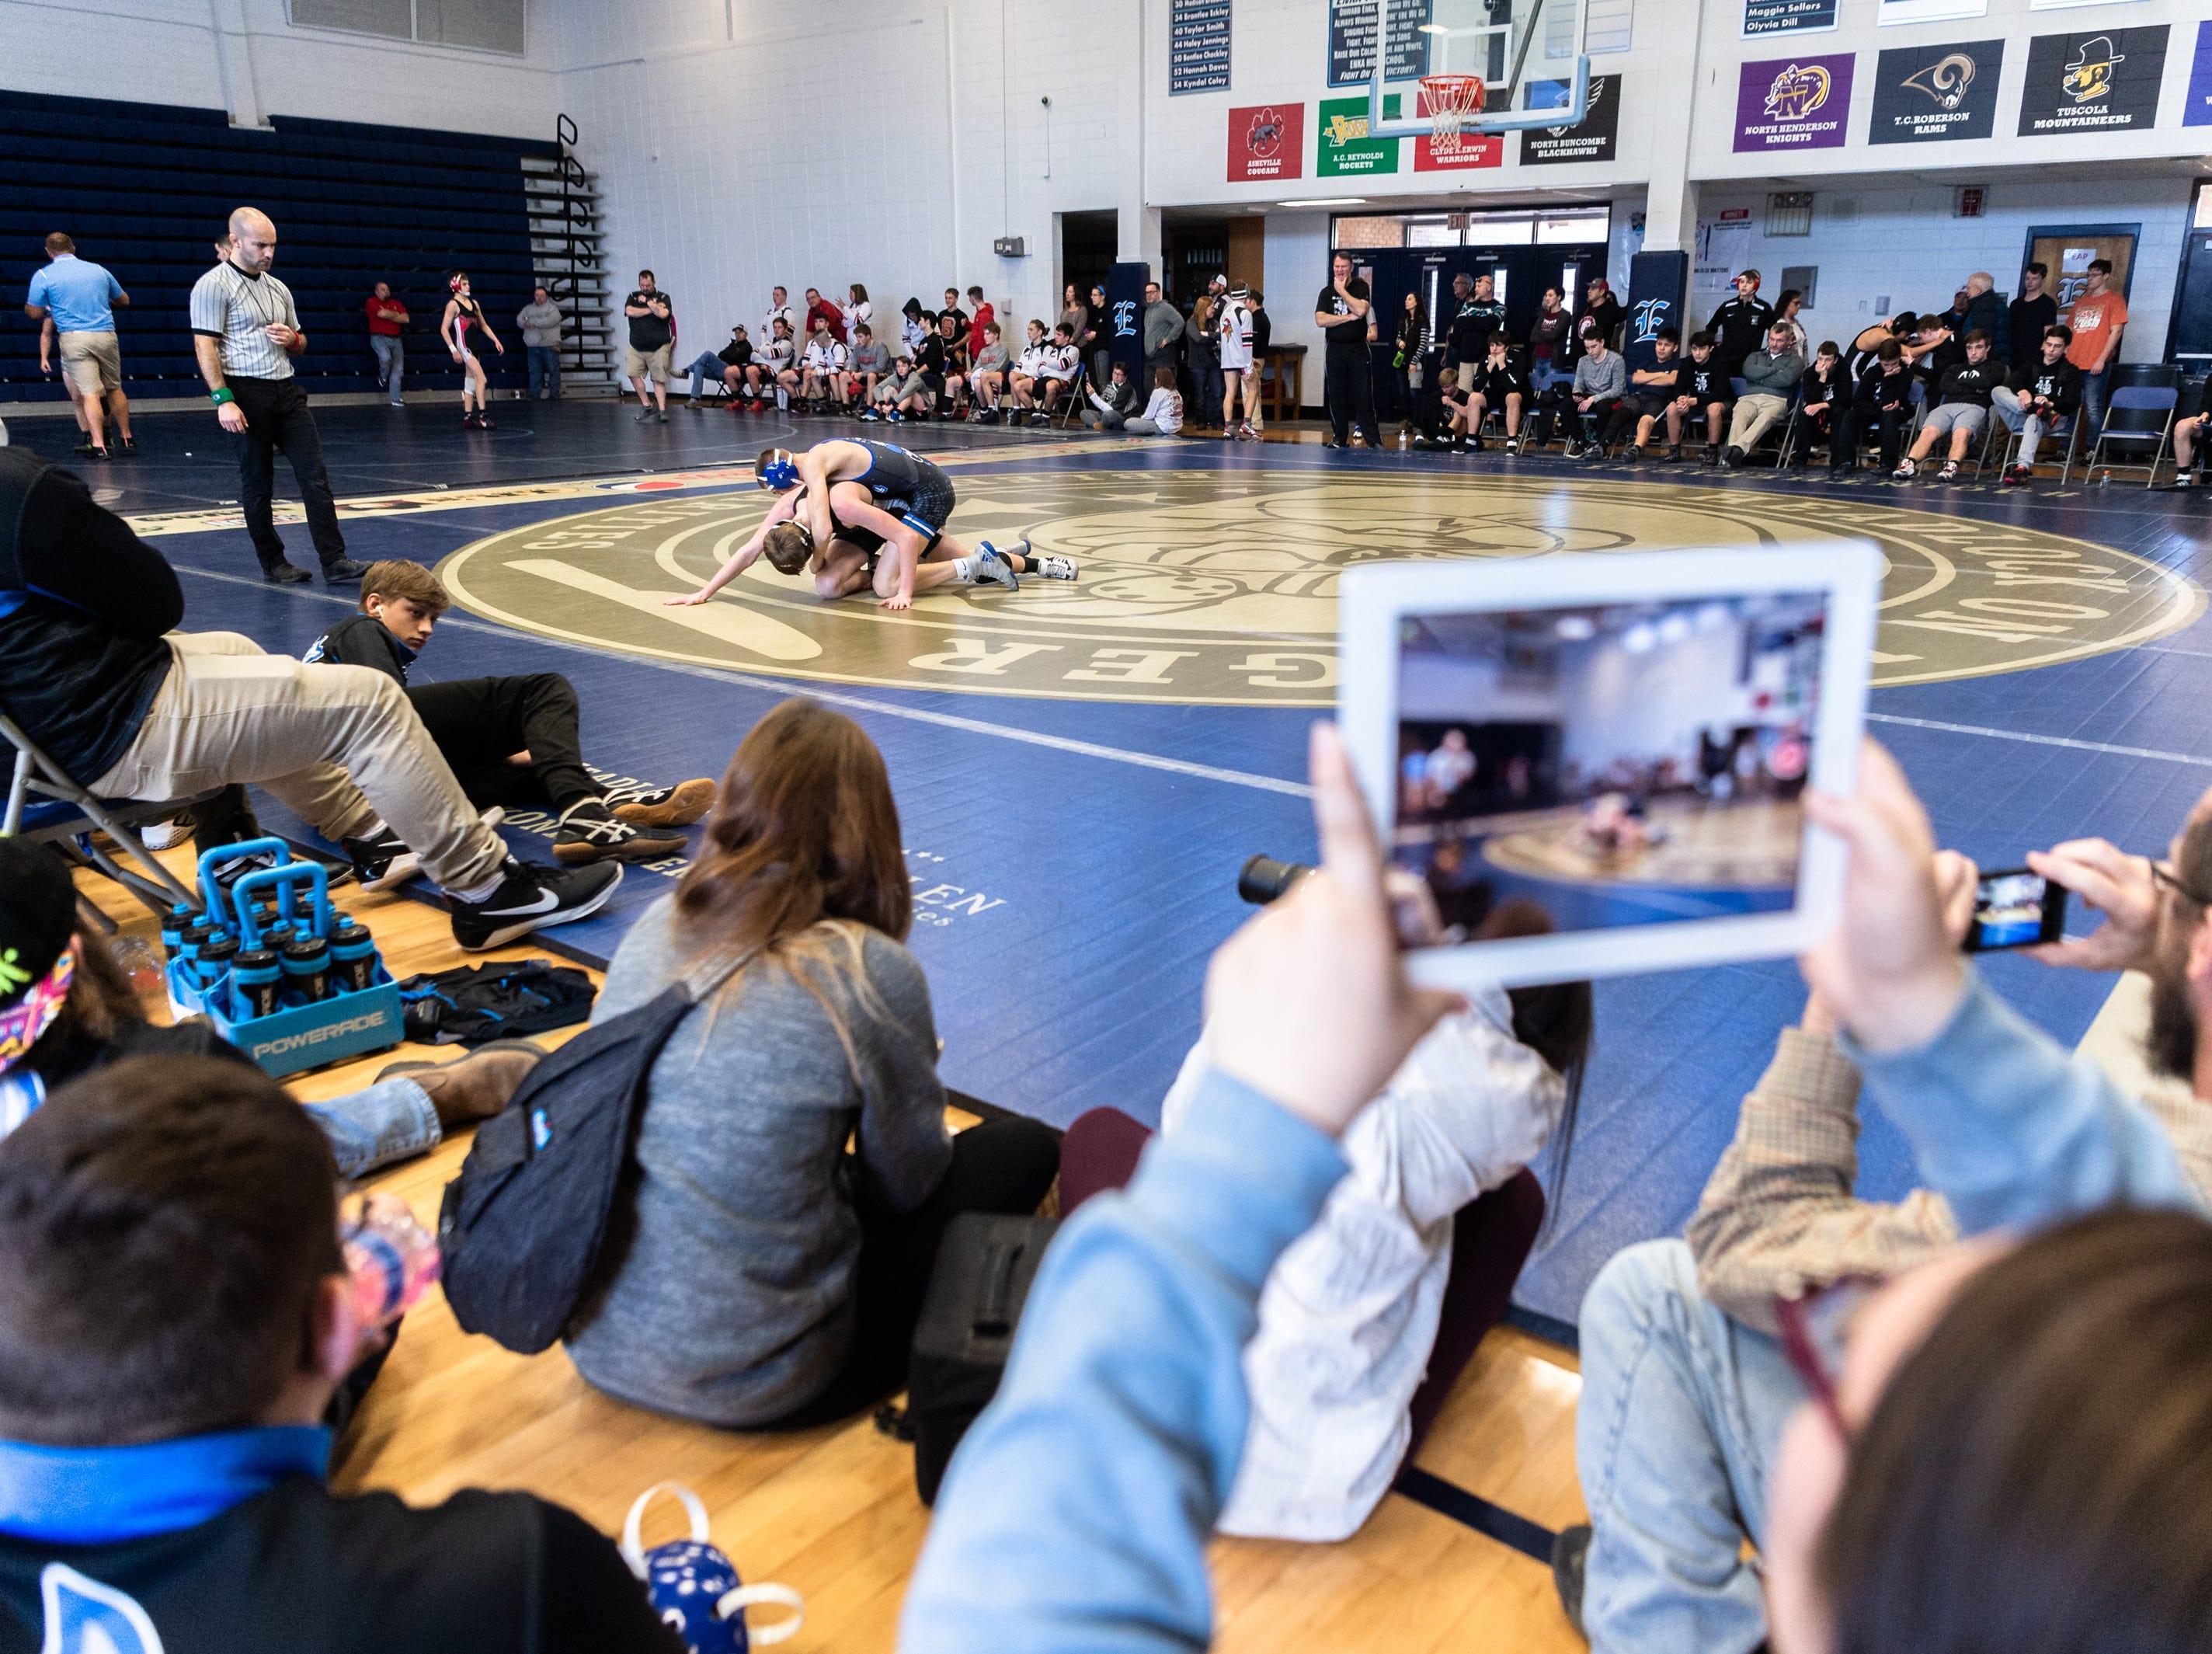 Spectators watch a match during Eblen Charities' Headlock on Hunger wrestling tournament at Enka High School Jan. 5, 2018.